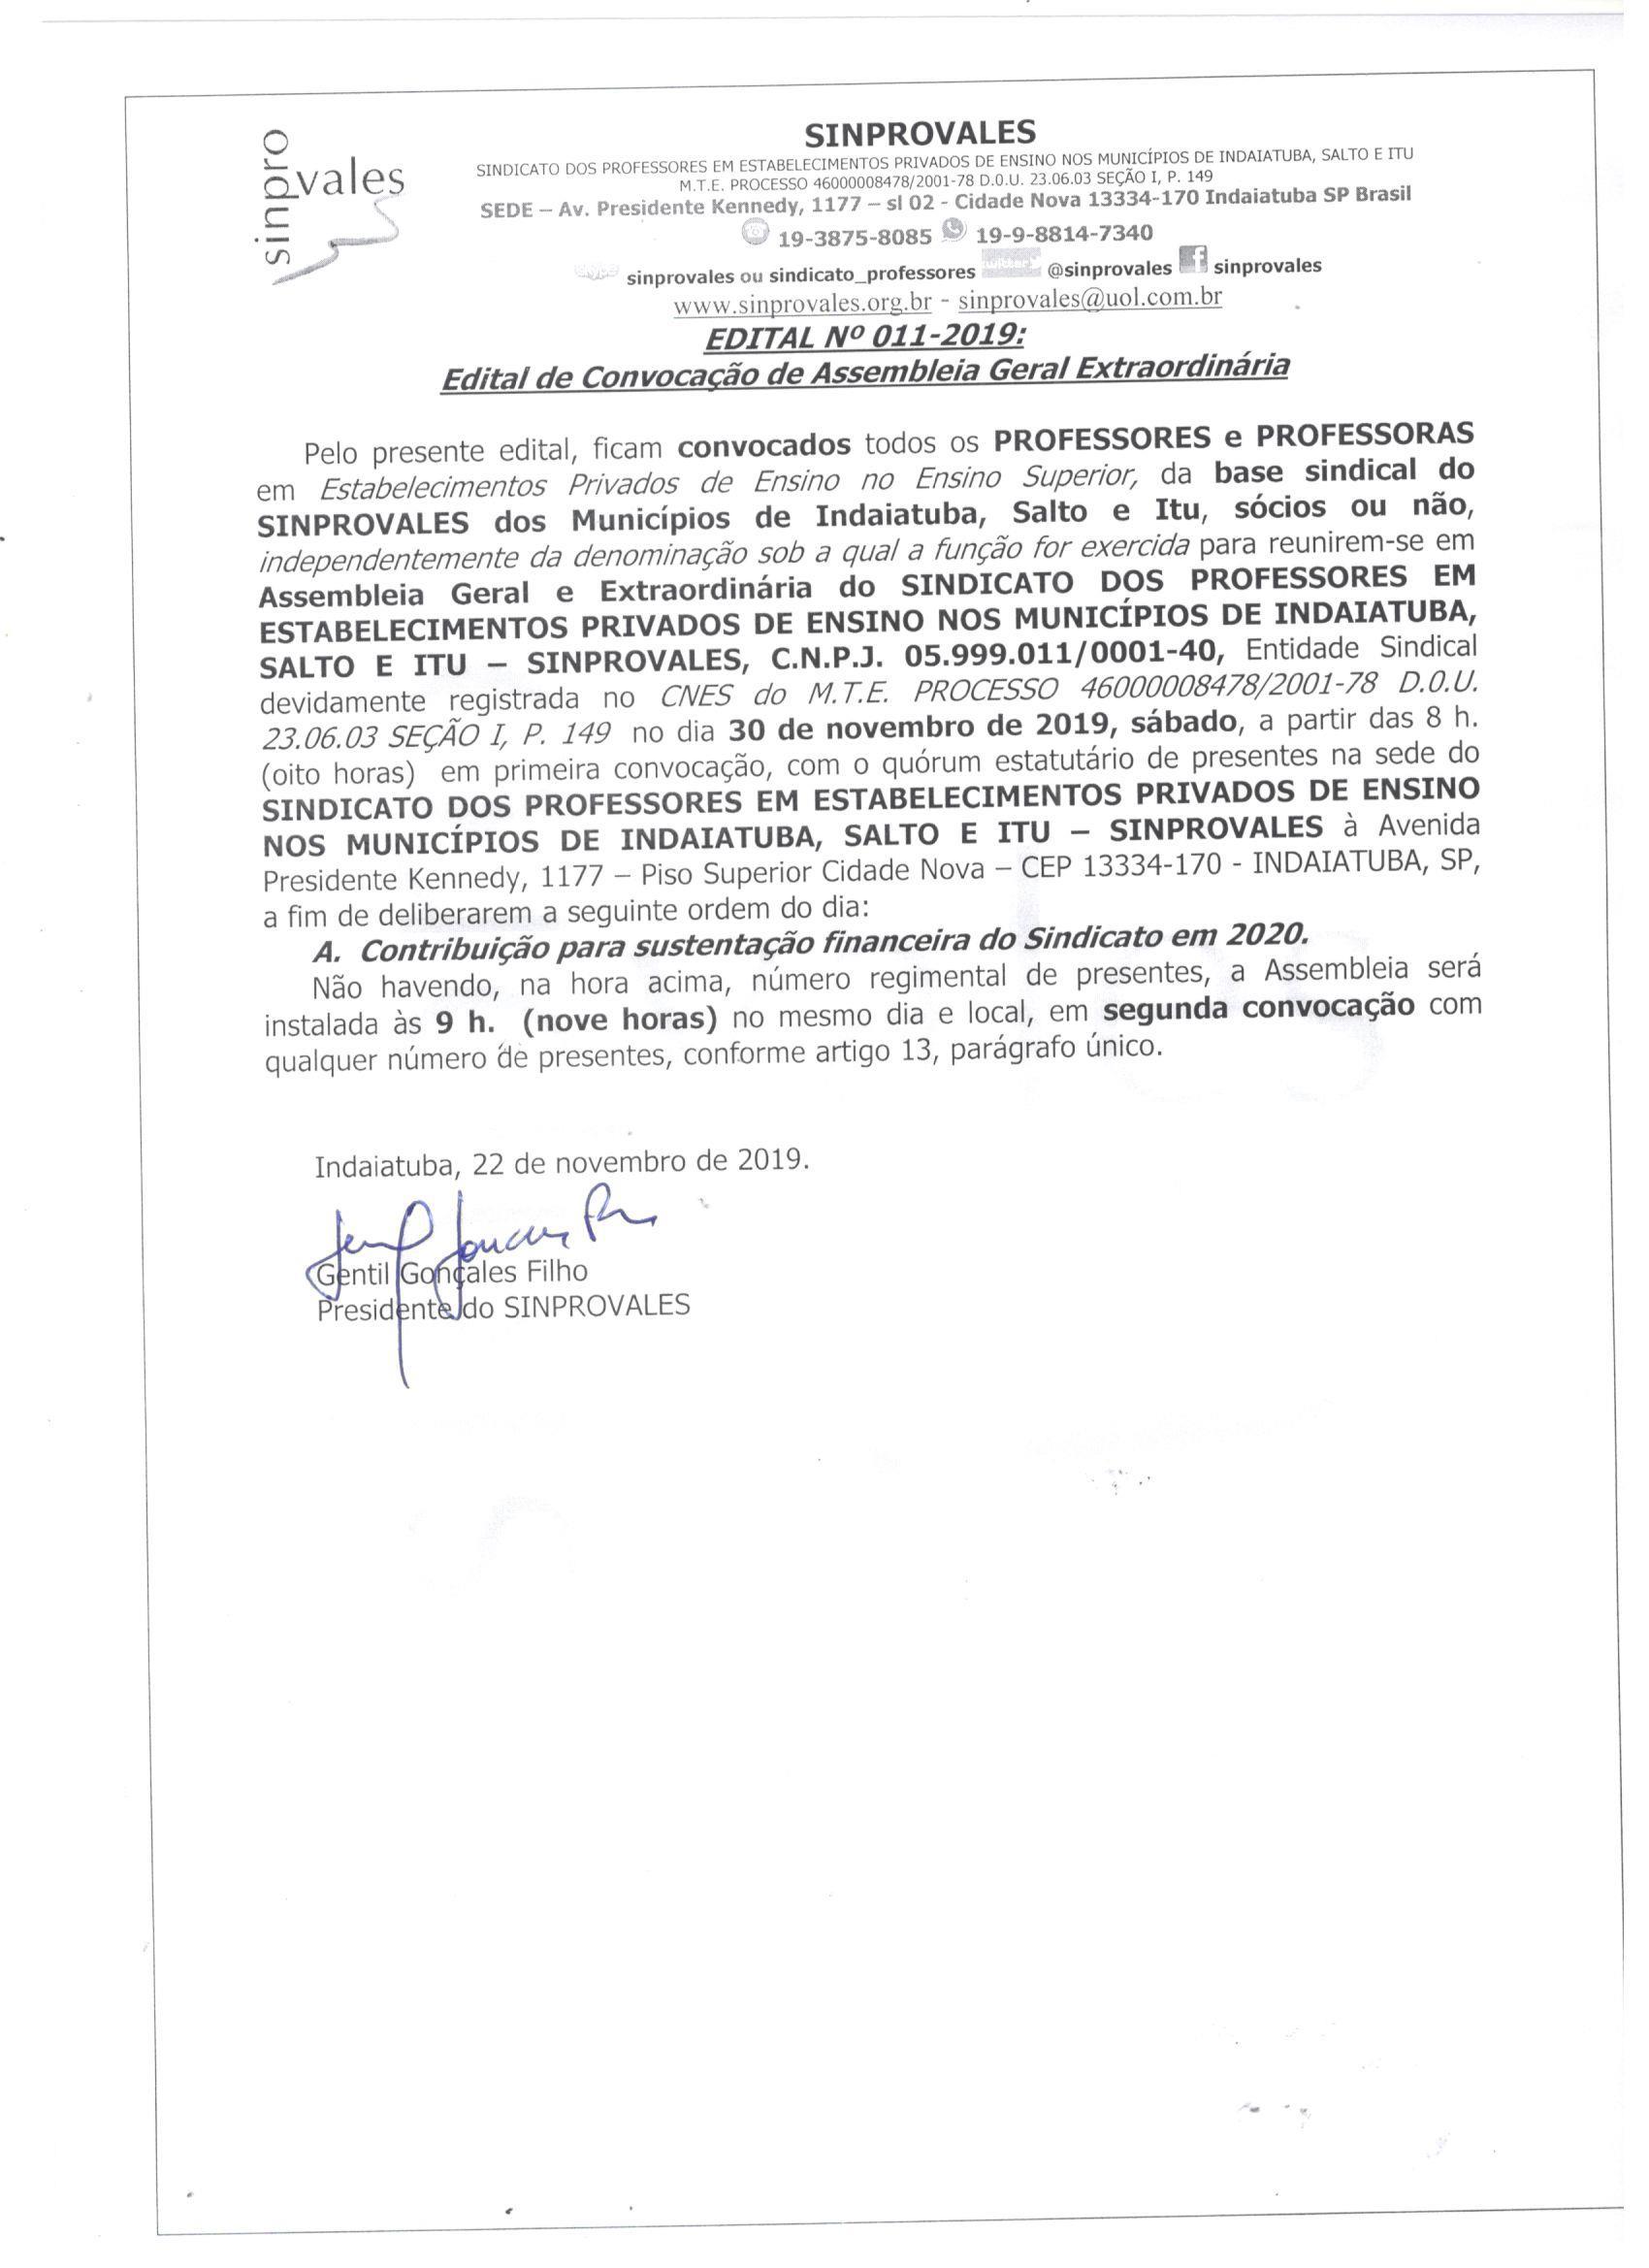 ASSEMBLEIA DOS PROFESSORES DO ENSINO SUPERIOR - SUSTENTAÇÃO DO SINDICATO EM 2020